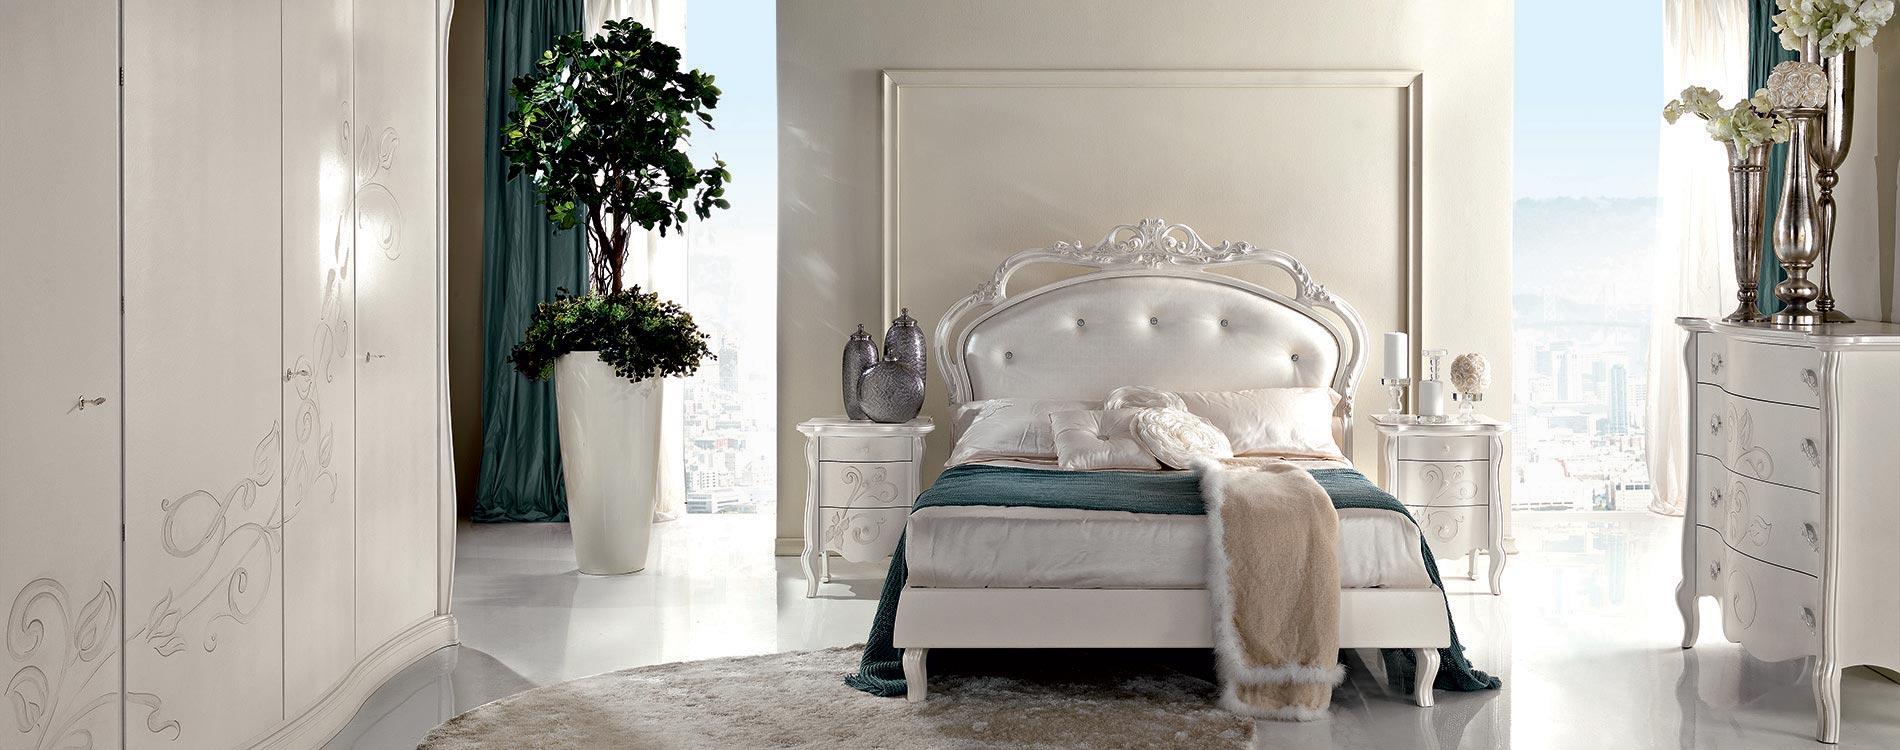 Ikea it cucine for Nuovarredo camere da letto